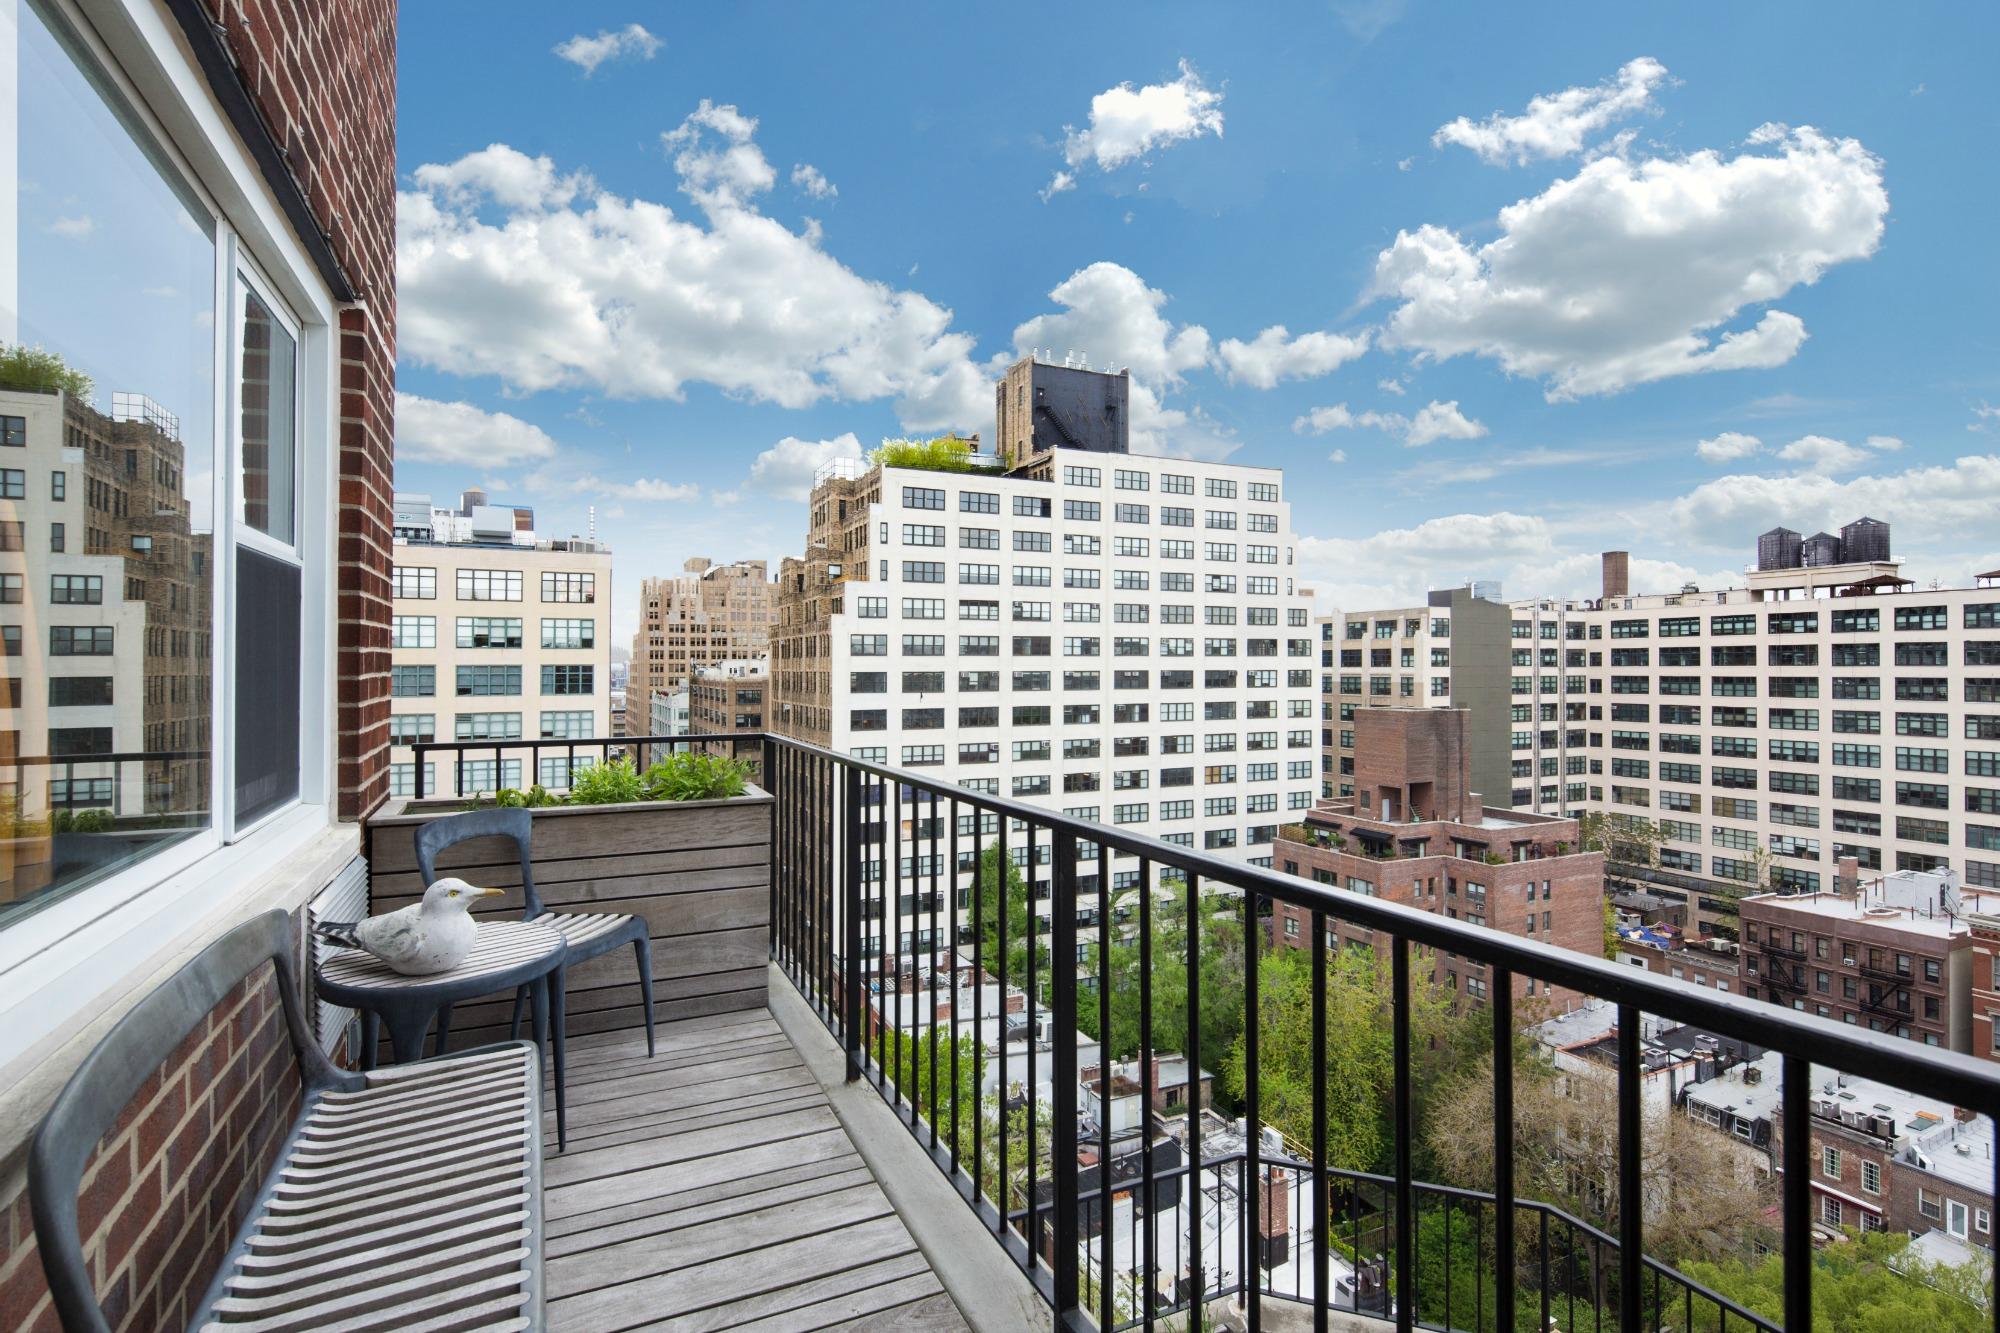 2 Charlton Street, Charlton House, Paul Ochs, custom-designed penthouse